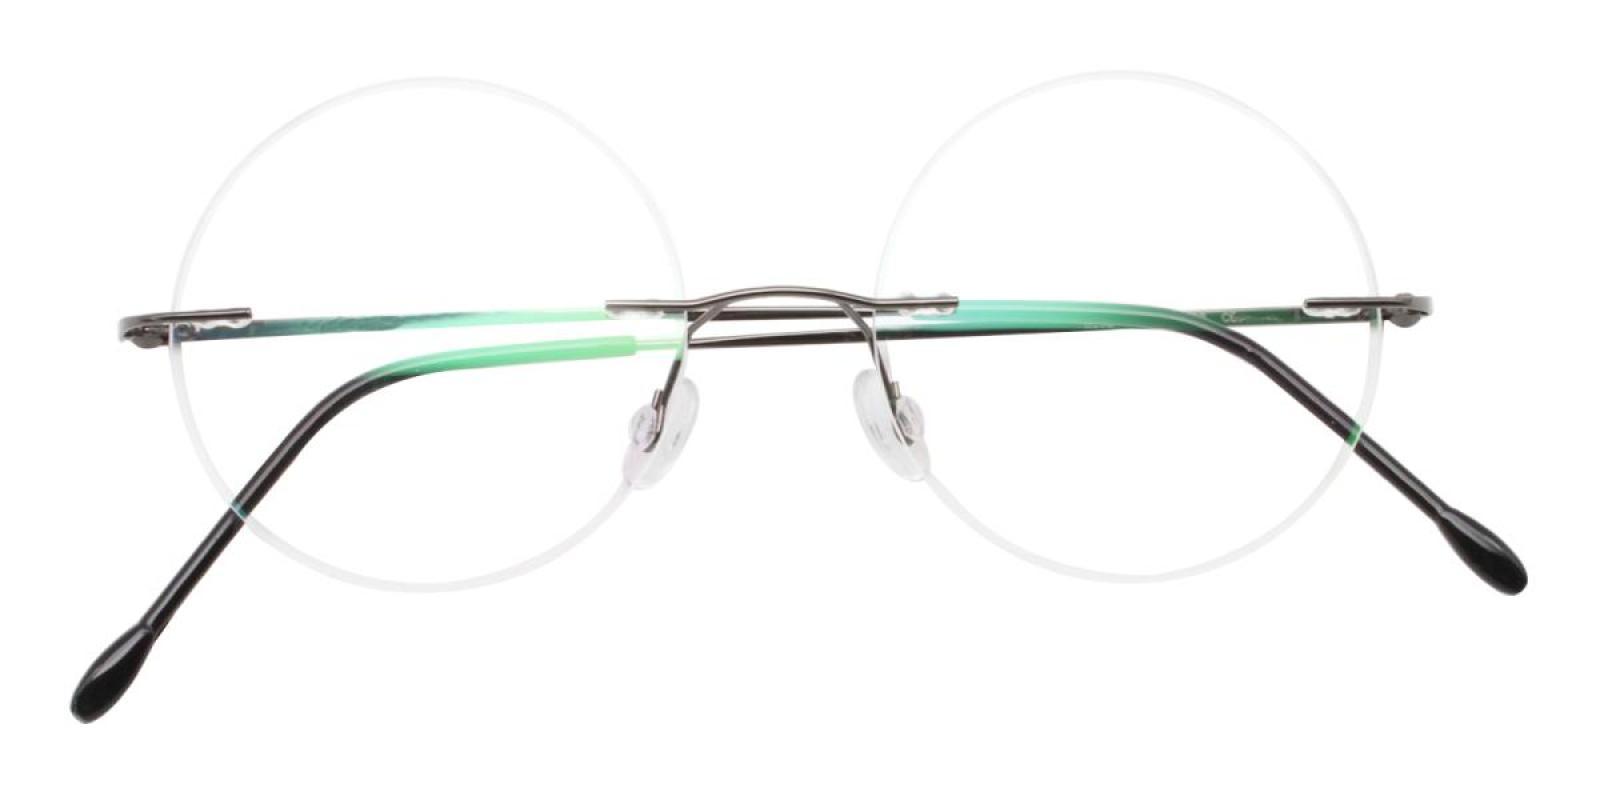 Knewphey-Gun-Varieties-Metal-Eyeglasses-detail